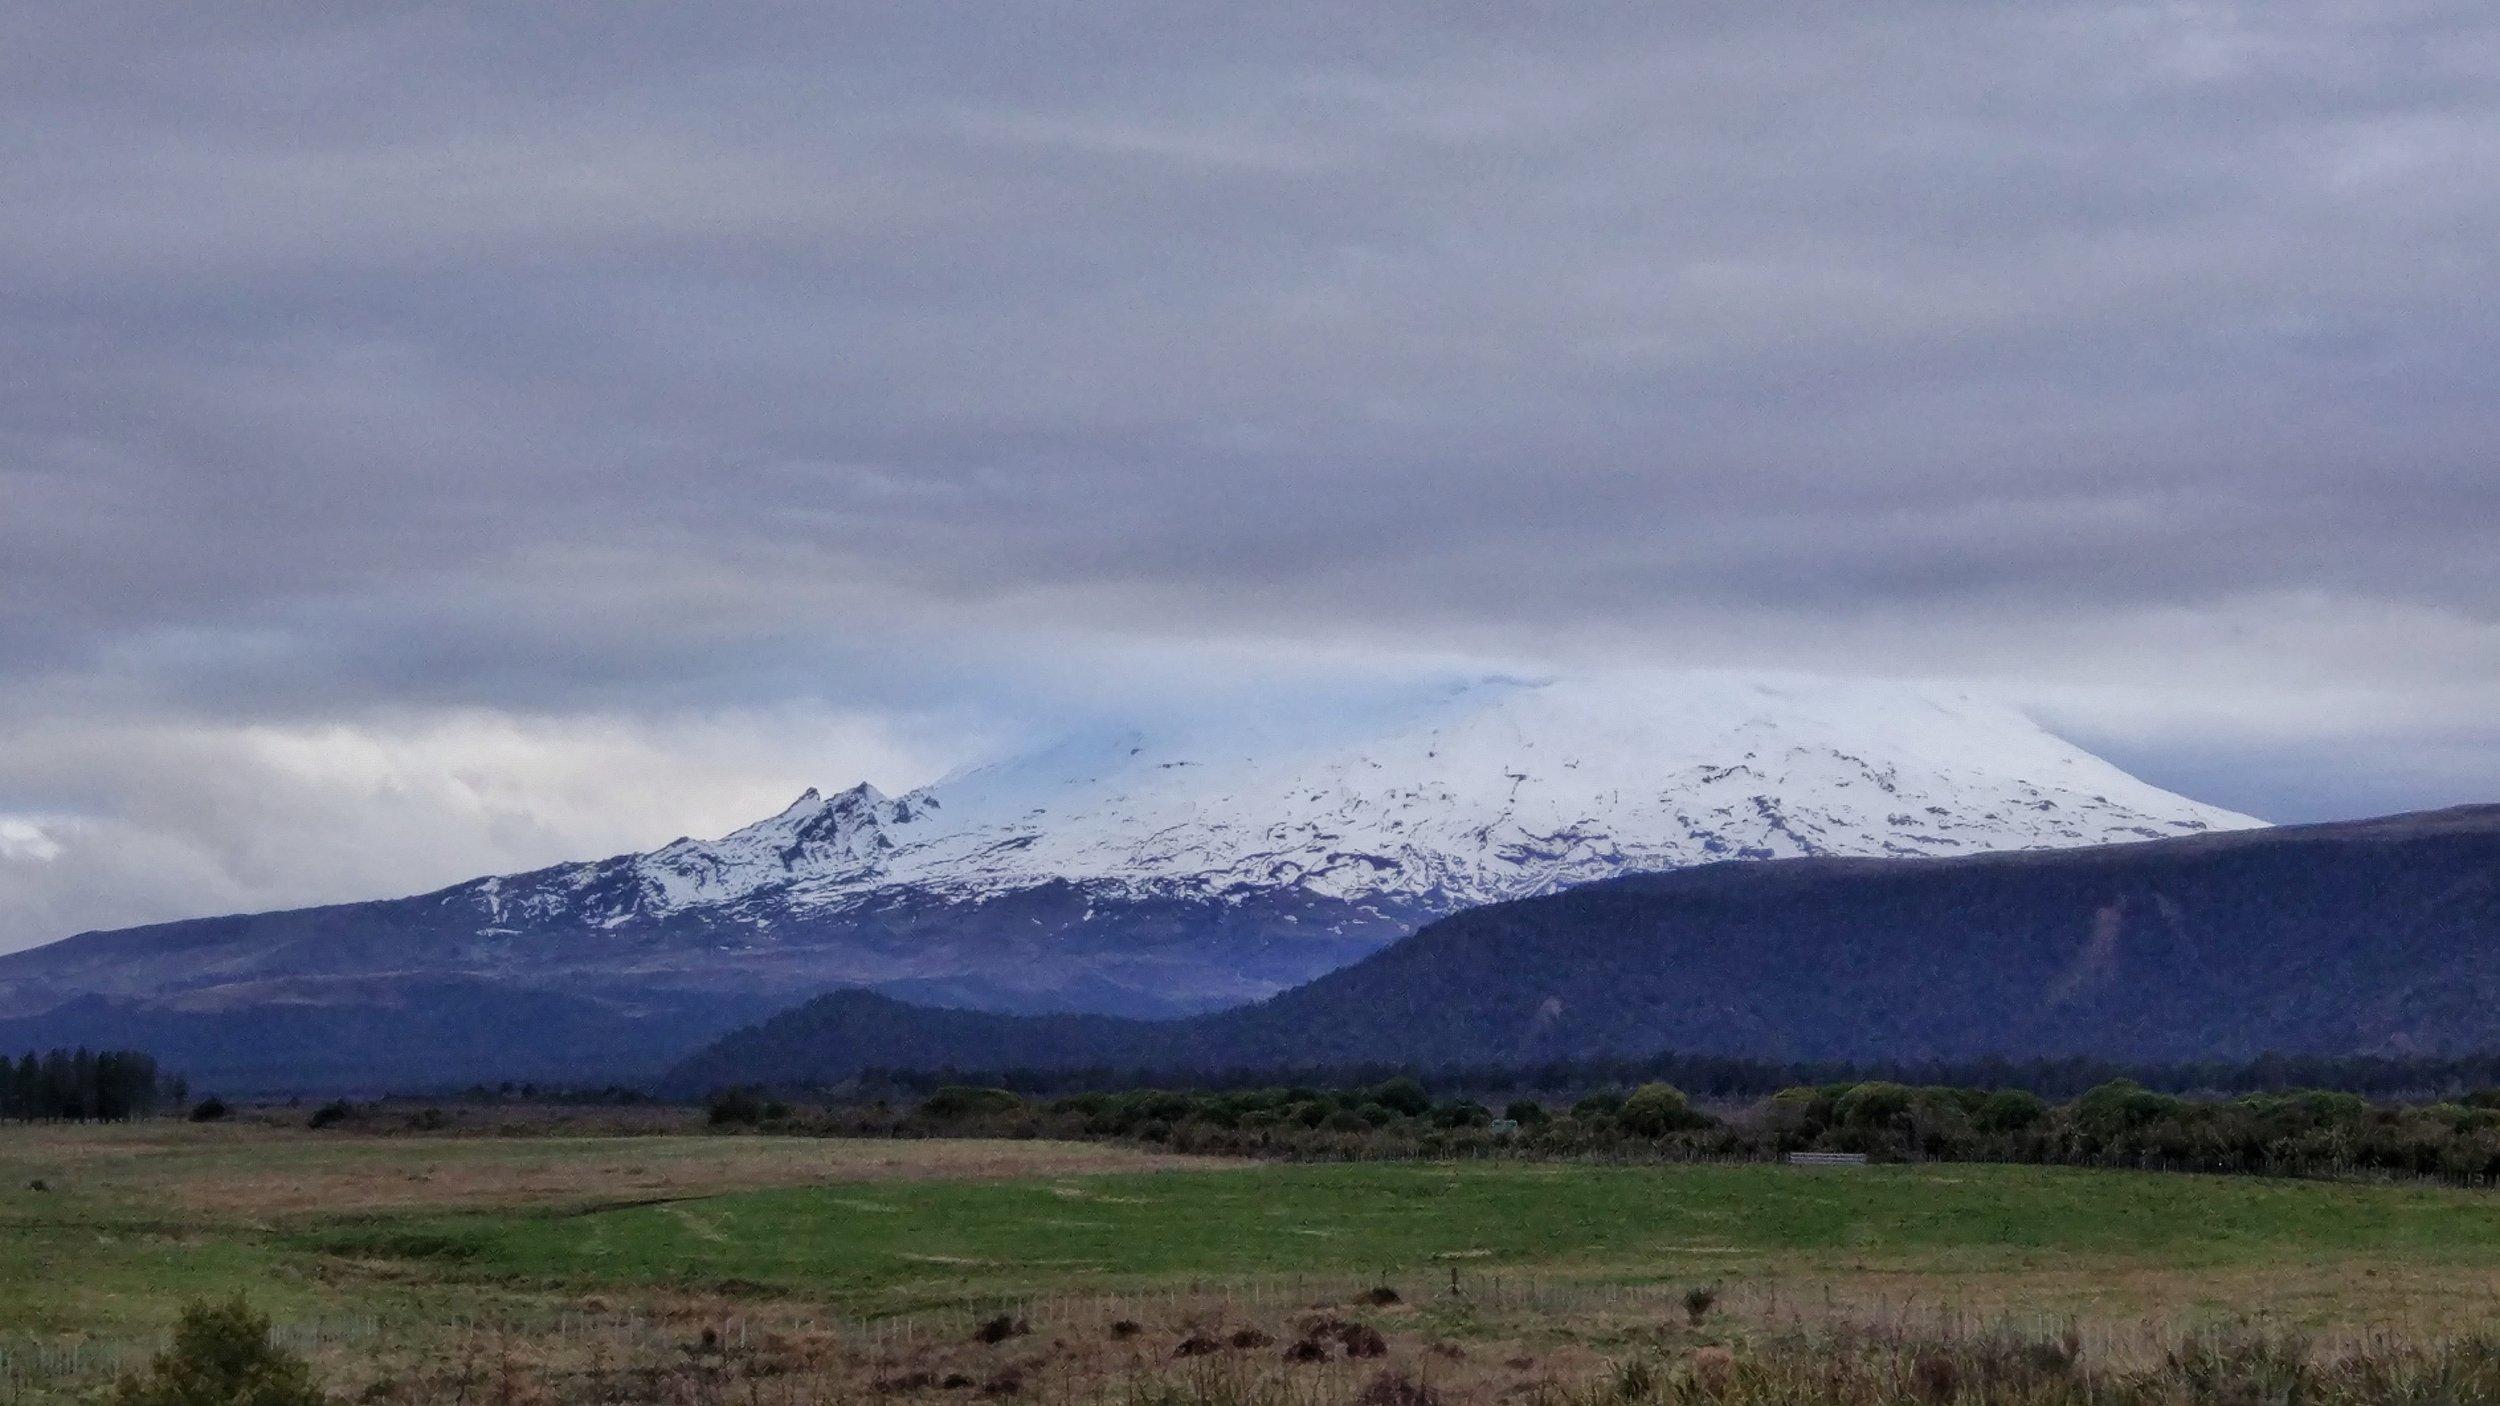 Skiing on Mt. Ruapehu in late winter